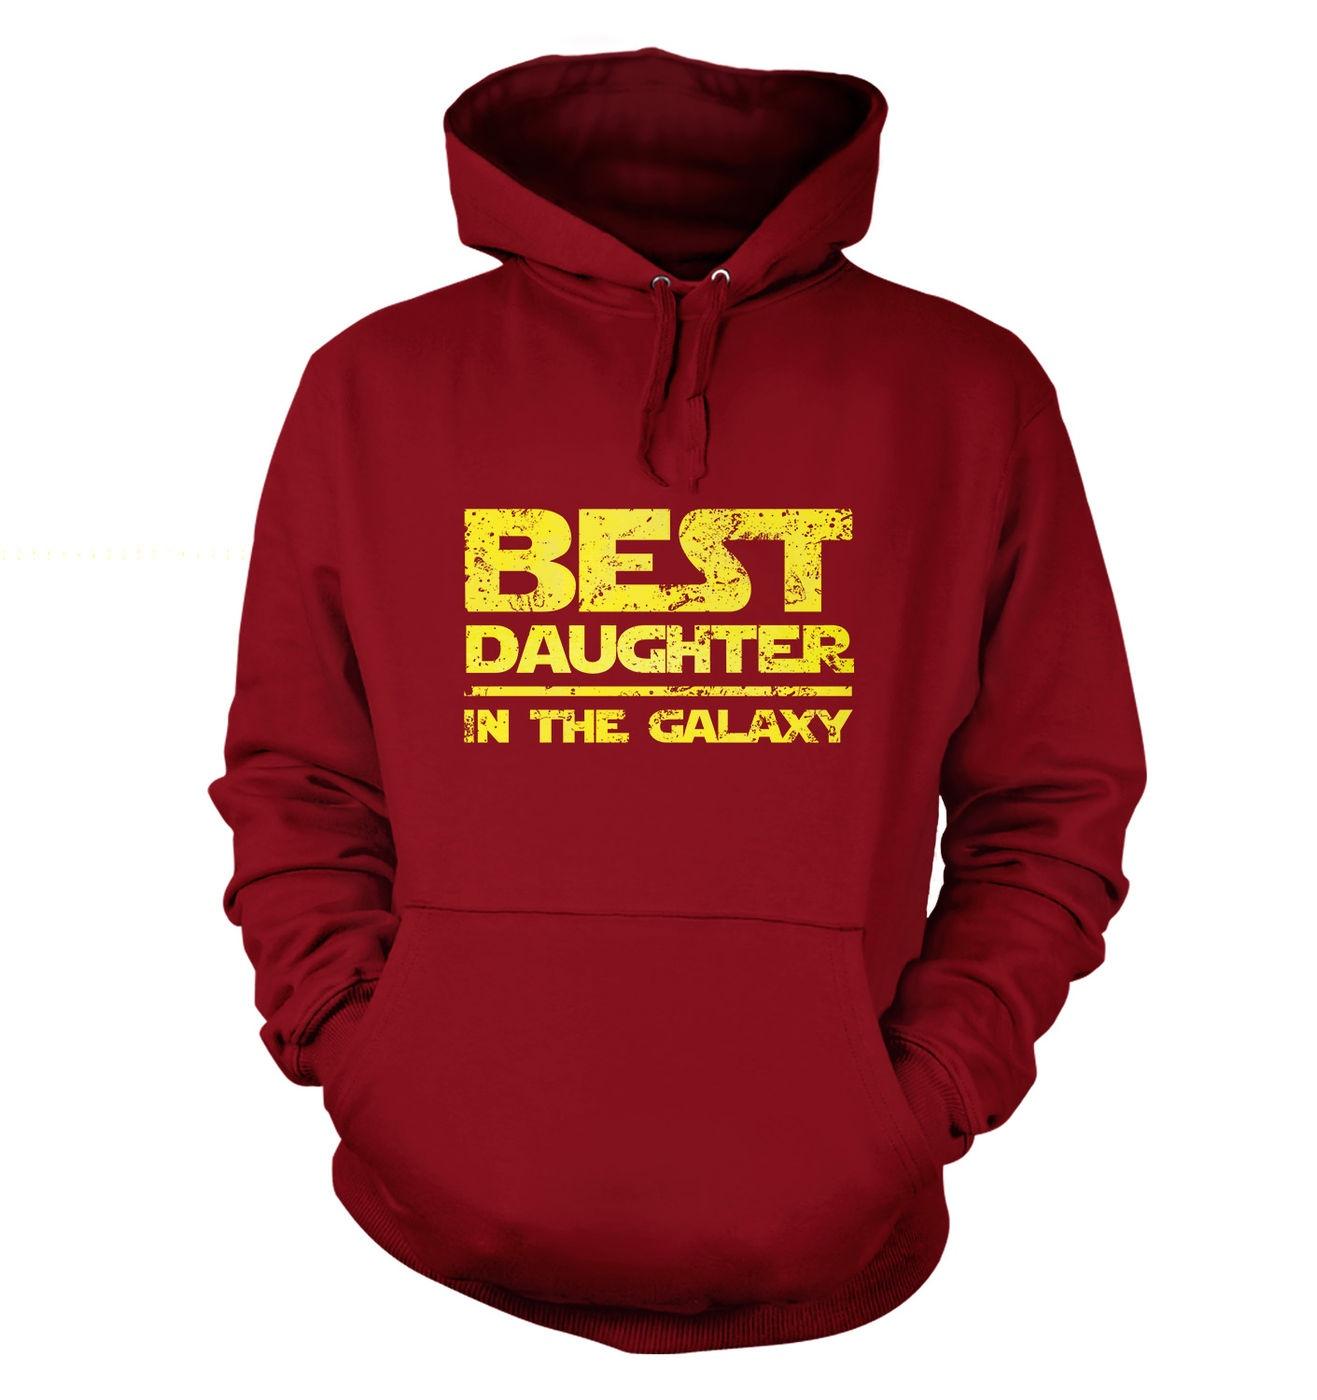 Best Daughter In The Galaxy hoodie by Something Geeky